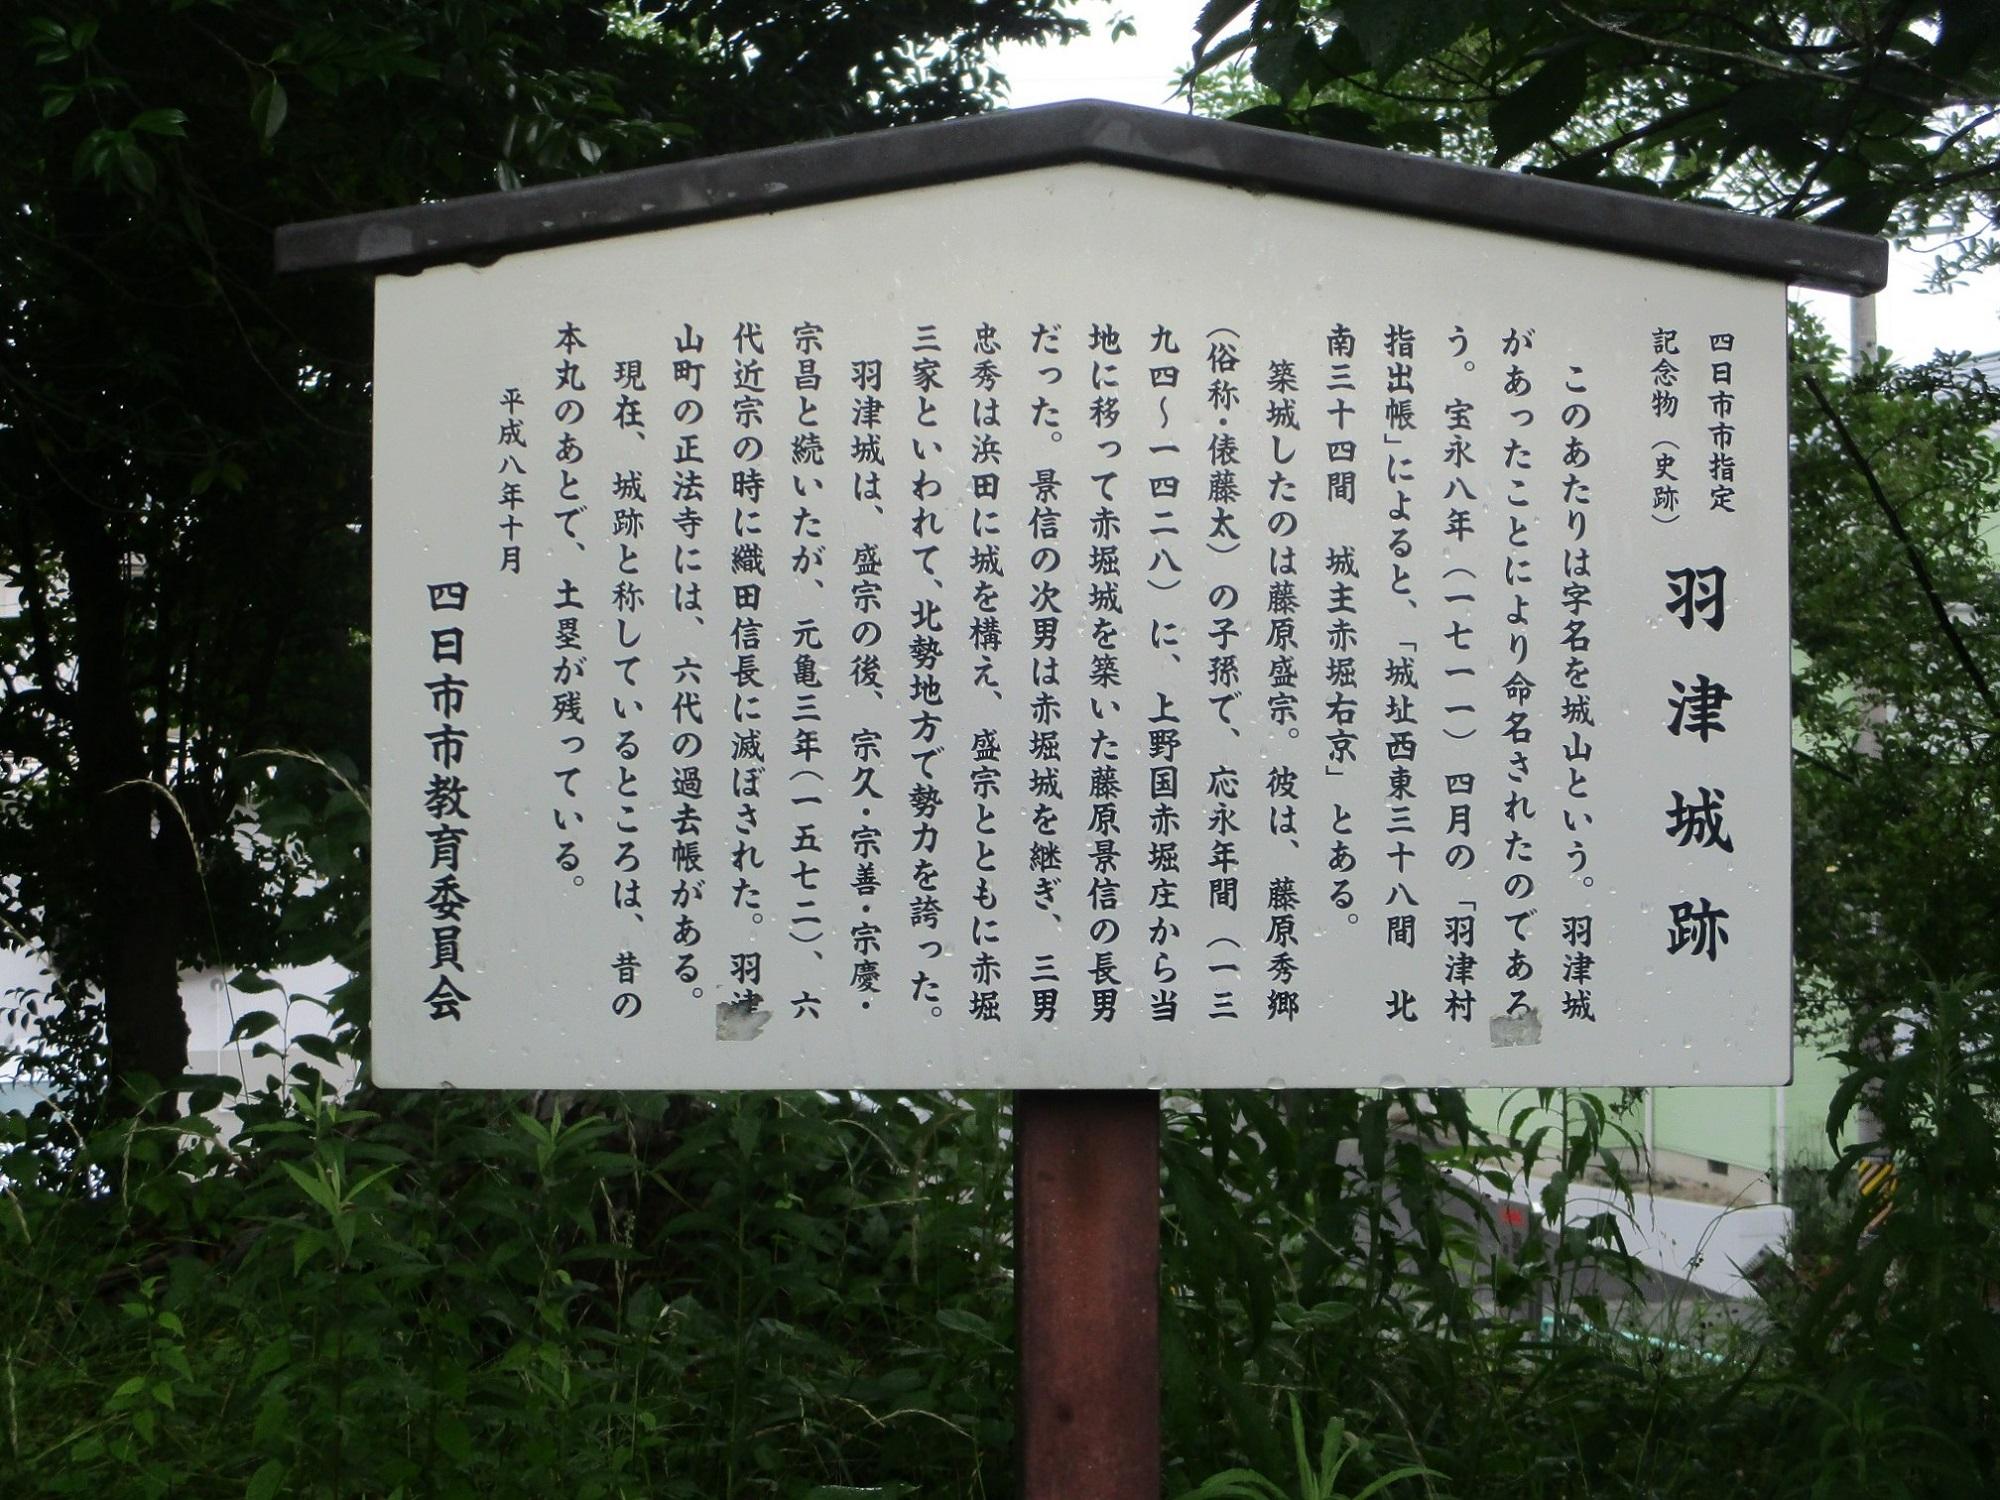 2020.6.18 (53) 羽津城あと - 説明がき 2000-1500